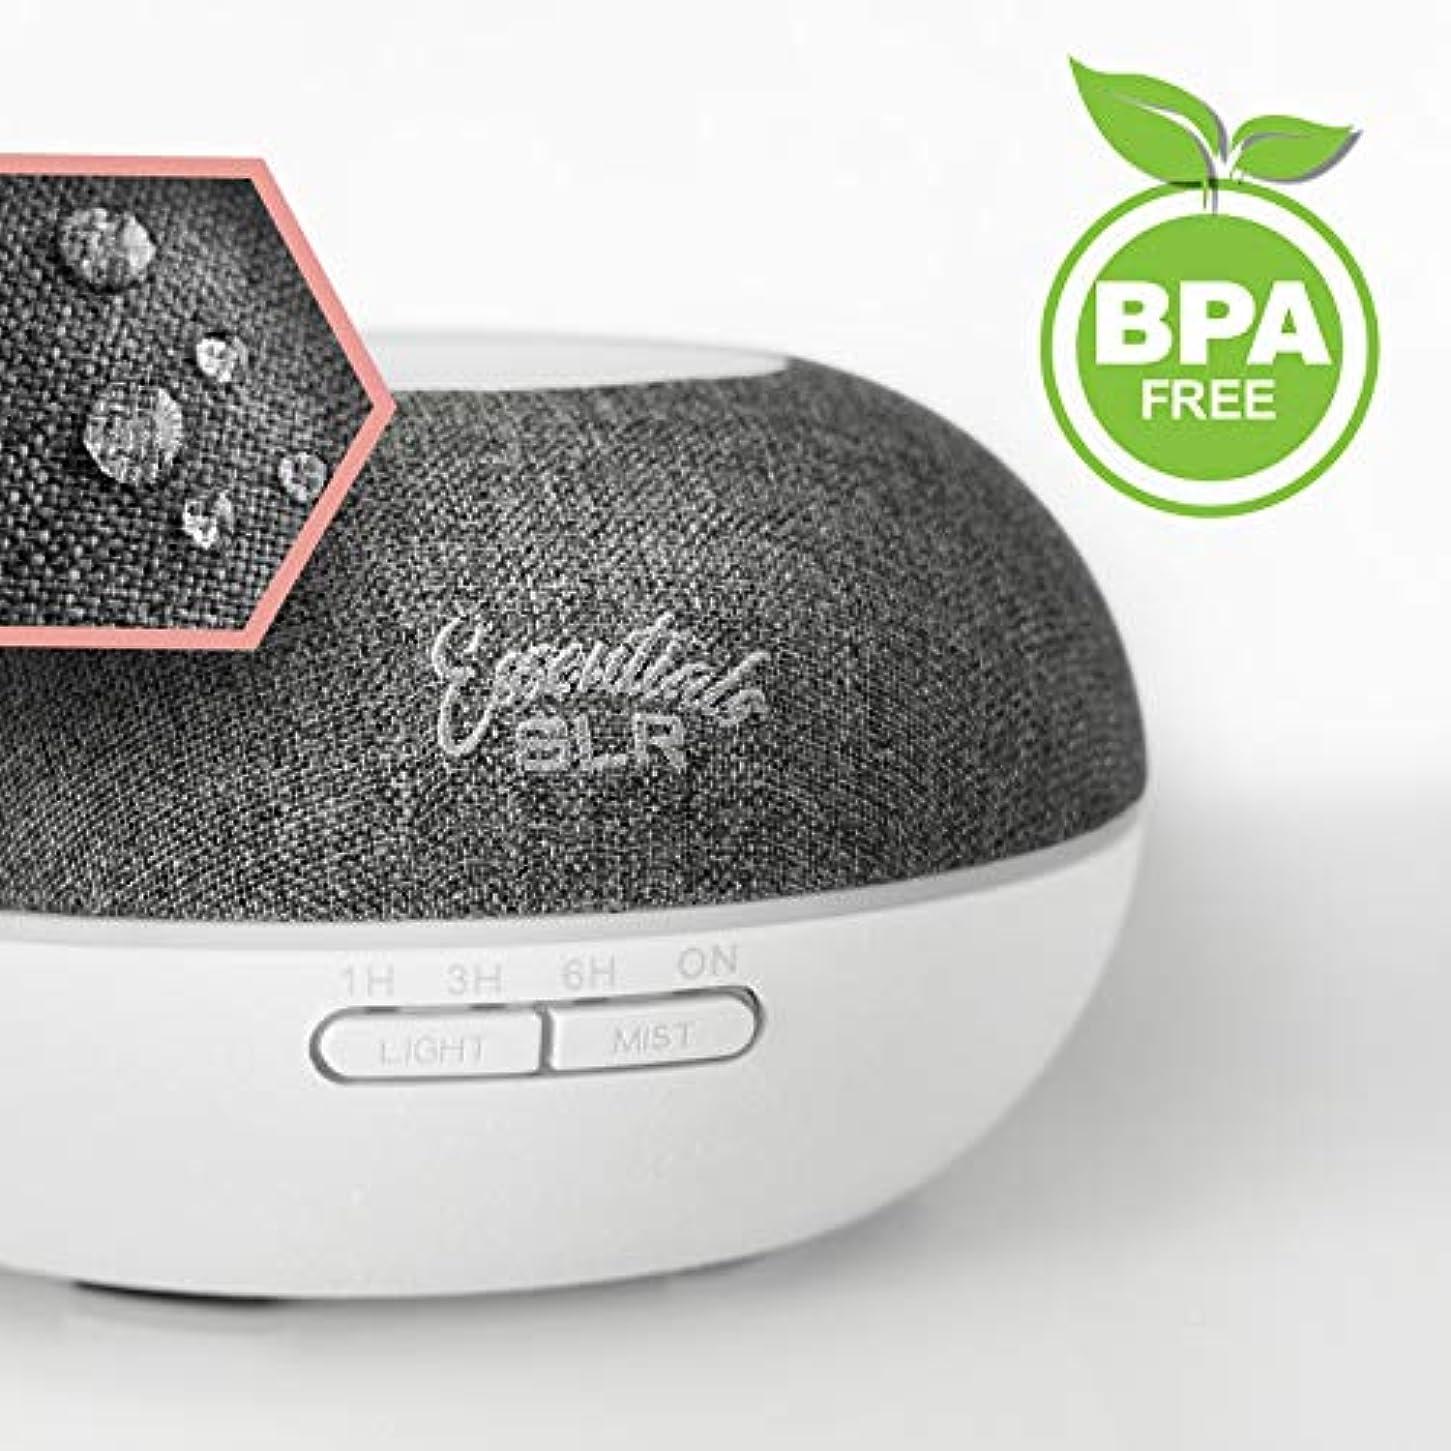 著作権スチュアート島サンダルSLR 500 ml Aromatherapy Essential Oil Large Diffuser BPAフリー超音波空気加湿器withマルチカラー変更LED、自動遮断 500ml SLR:900-00055